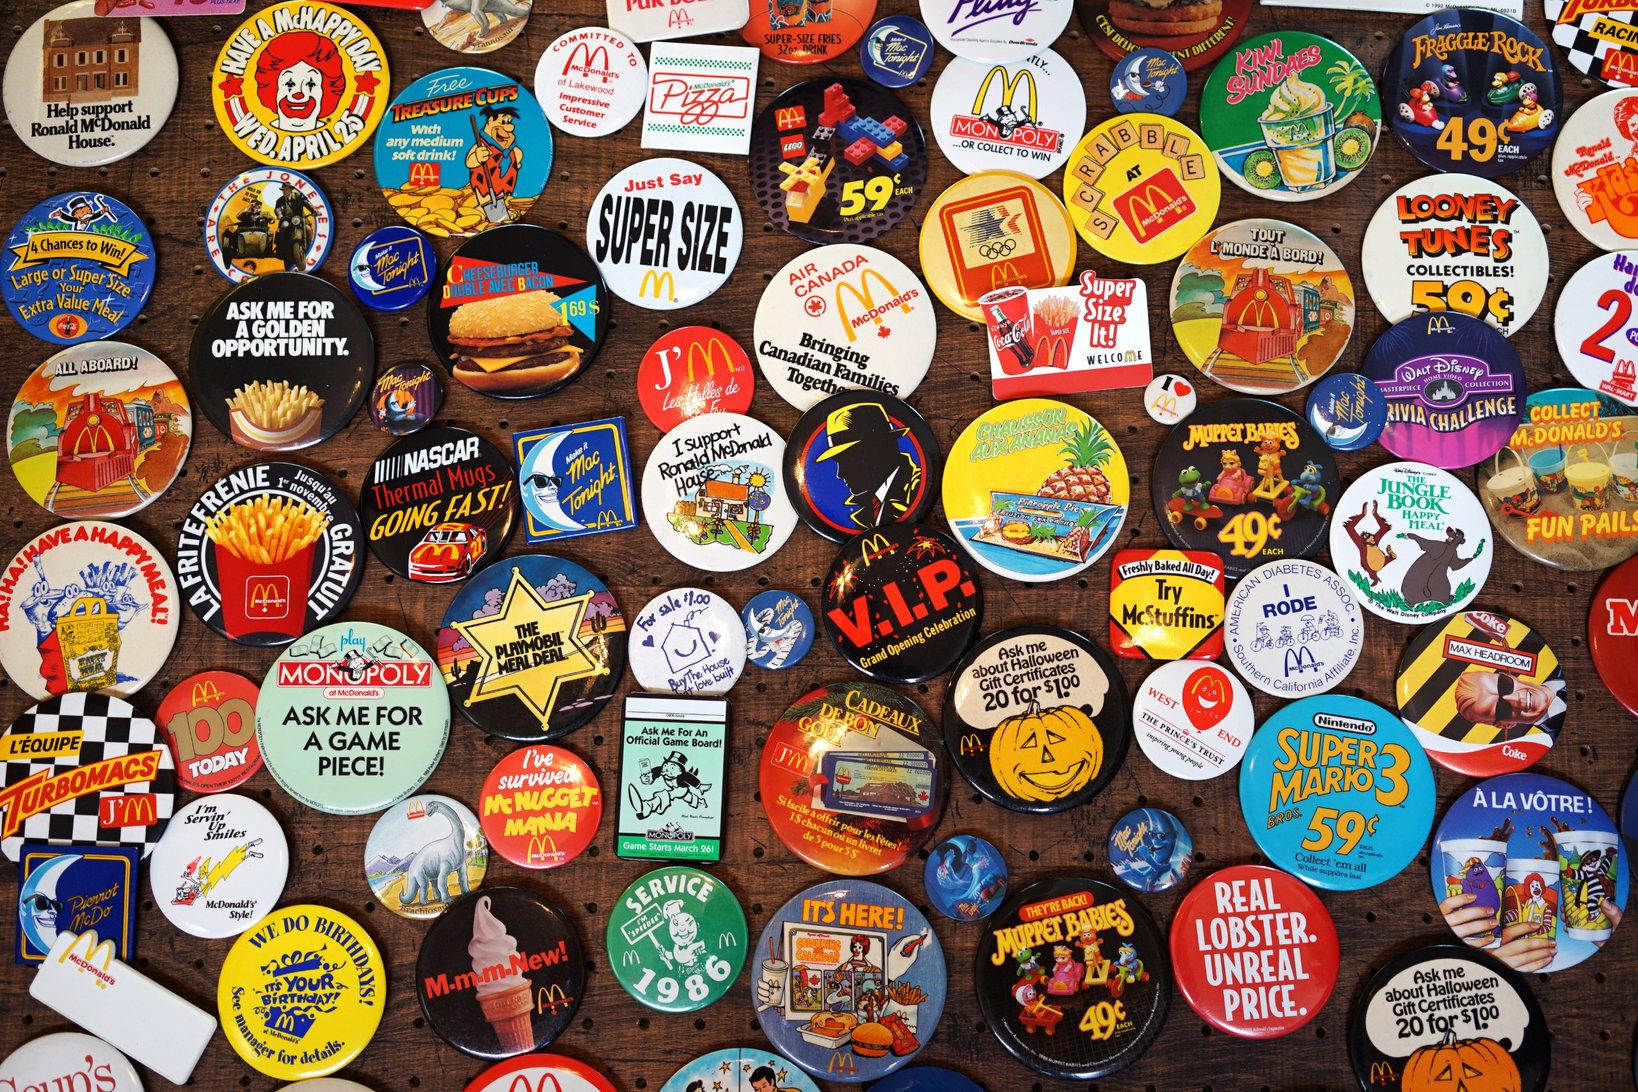 マックのクルー(従業員)がお店で胸に付けるプロモーション用の缶バッジ。プロモーション毎に登場していたので世界各国で数多く存在する。